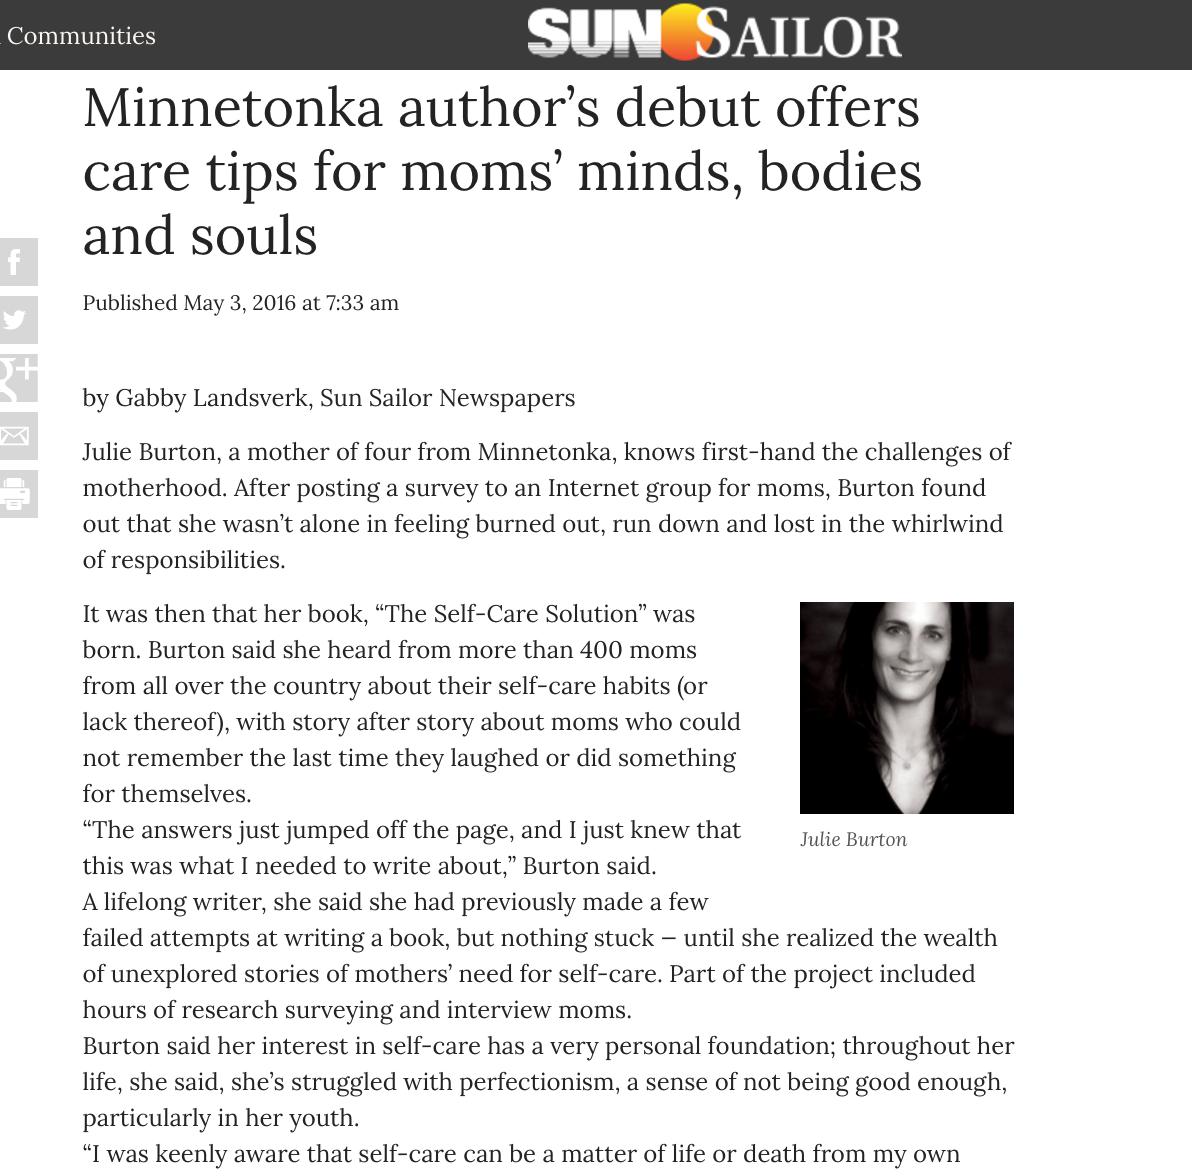 Minnesota-Sun-Sailor-Julie-Burton-Self-Care-Solution